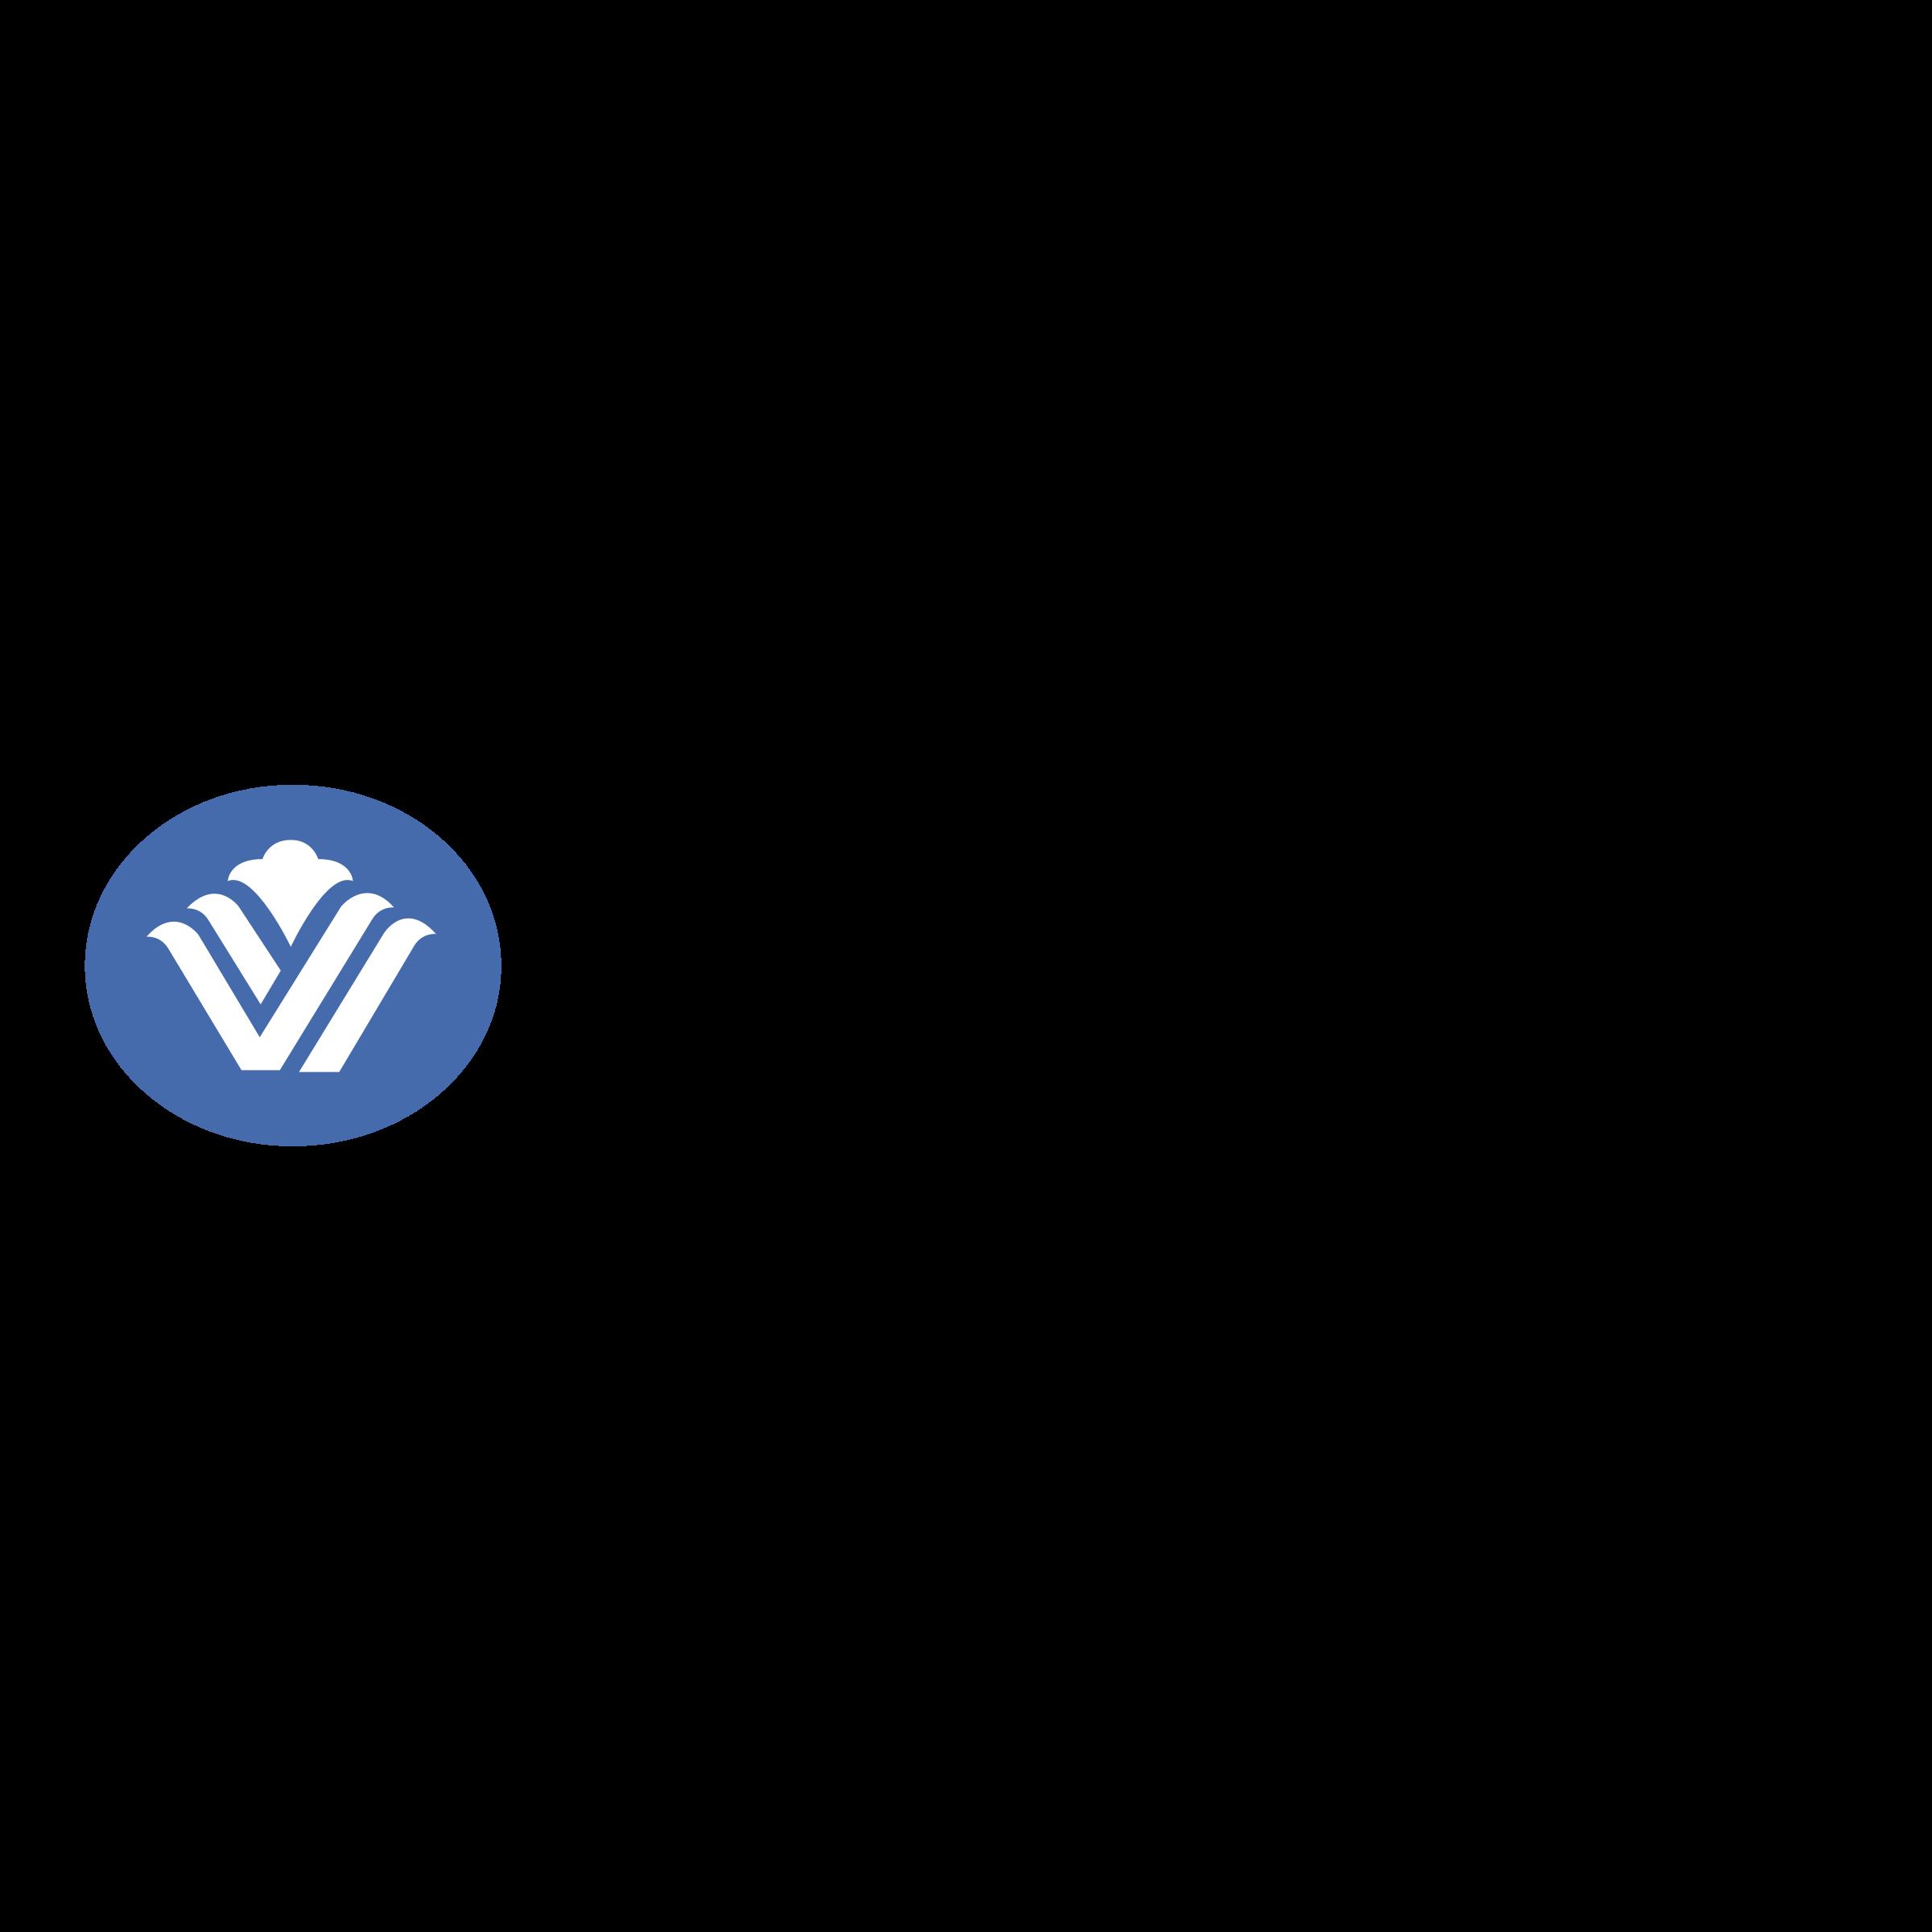 Wyndham Hotels & Resorts Logo PNG Transparent & SVG Vector.